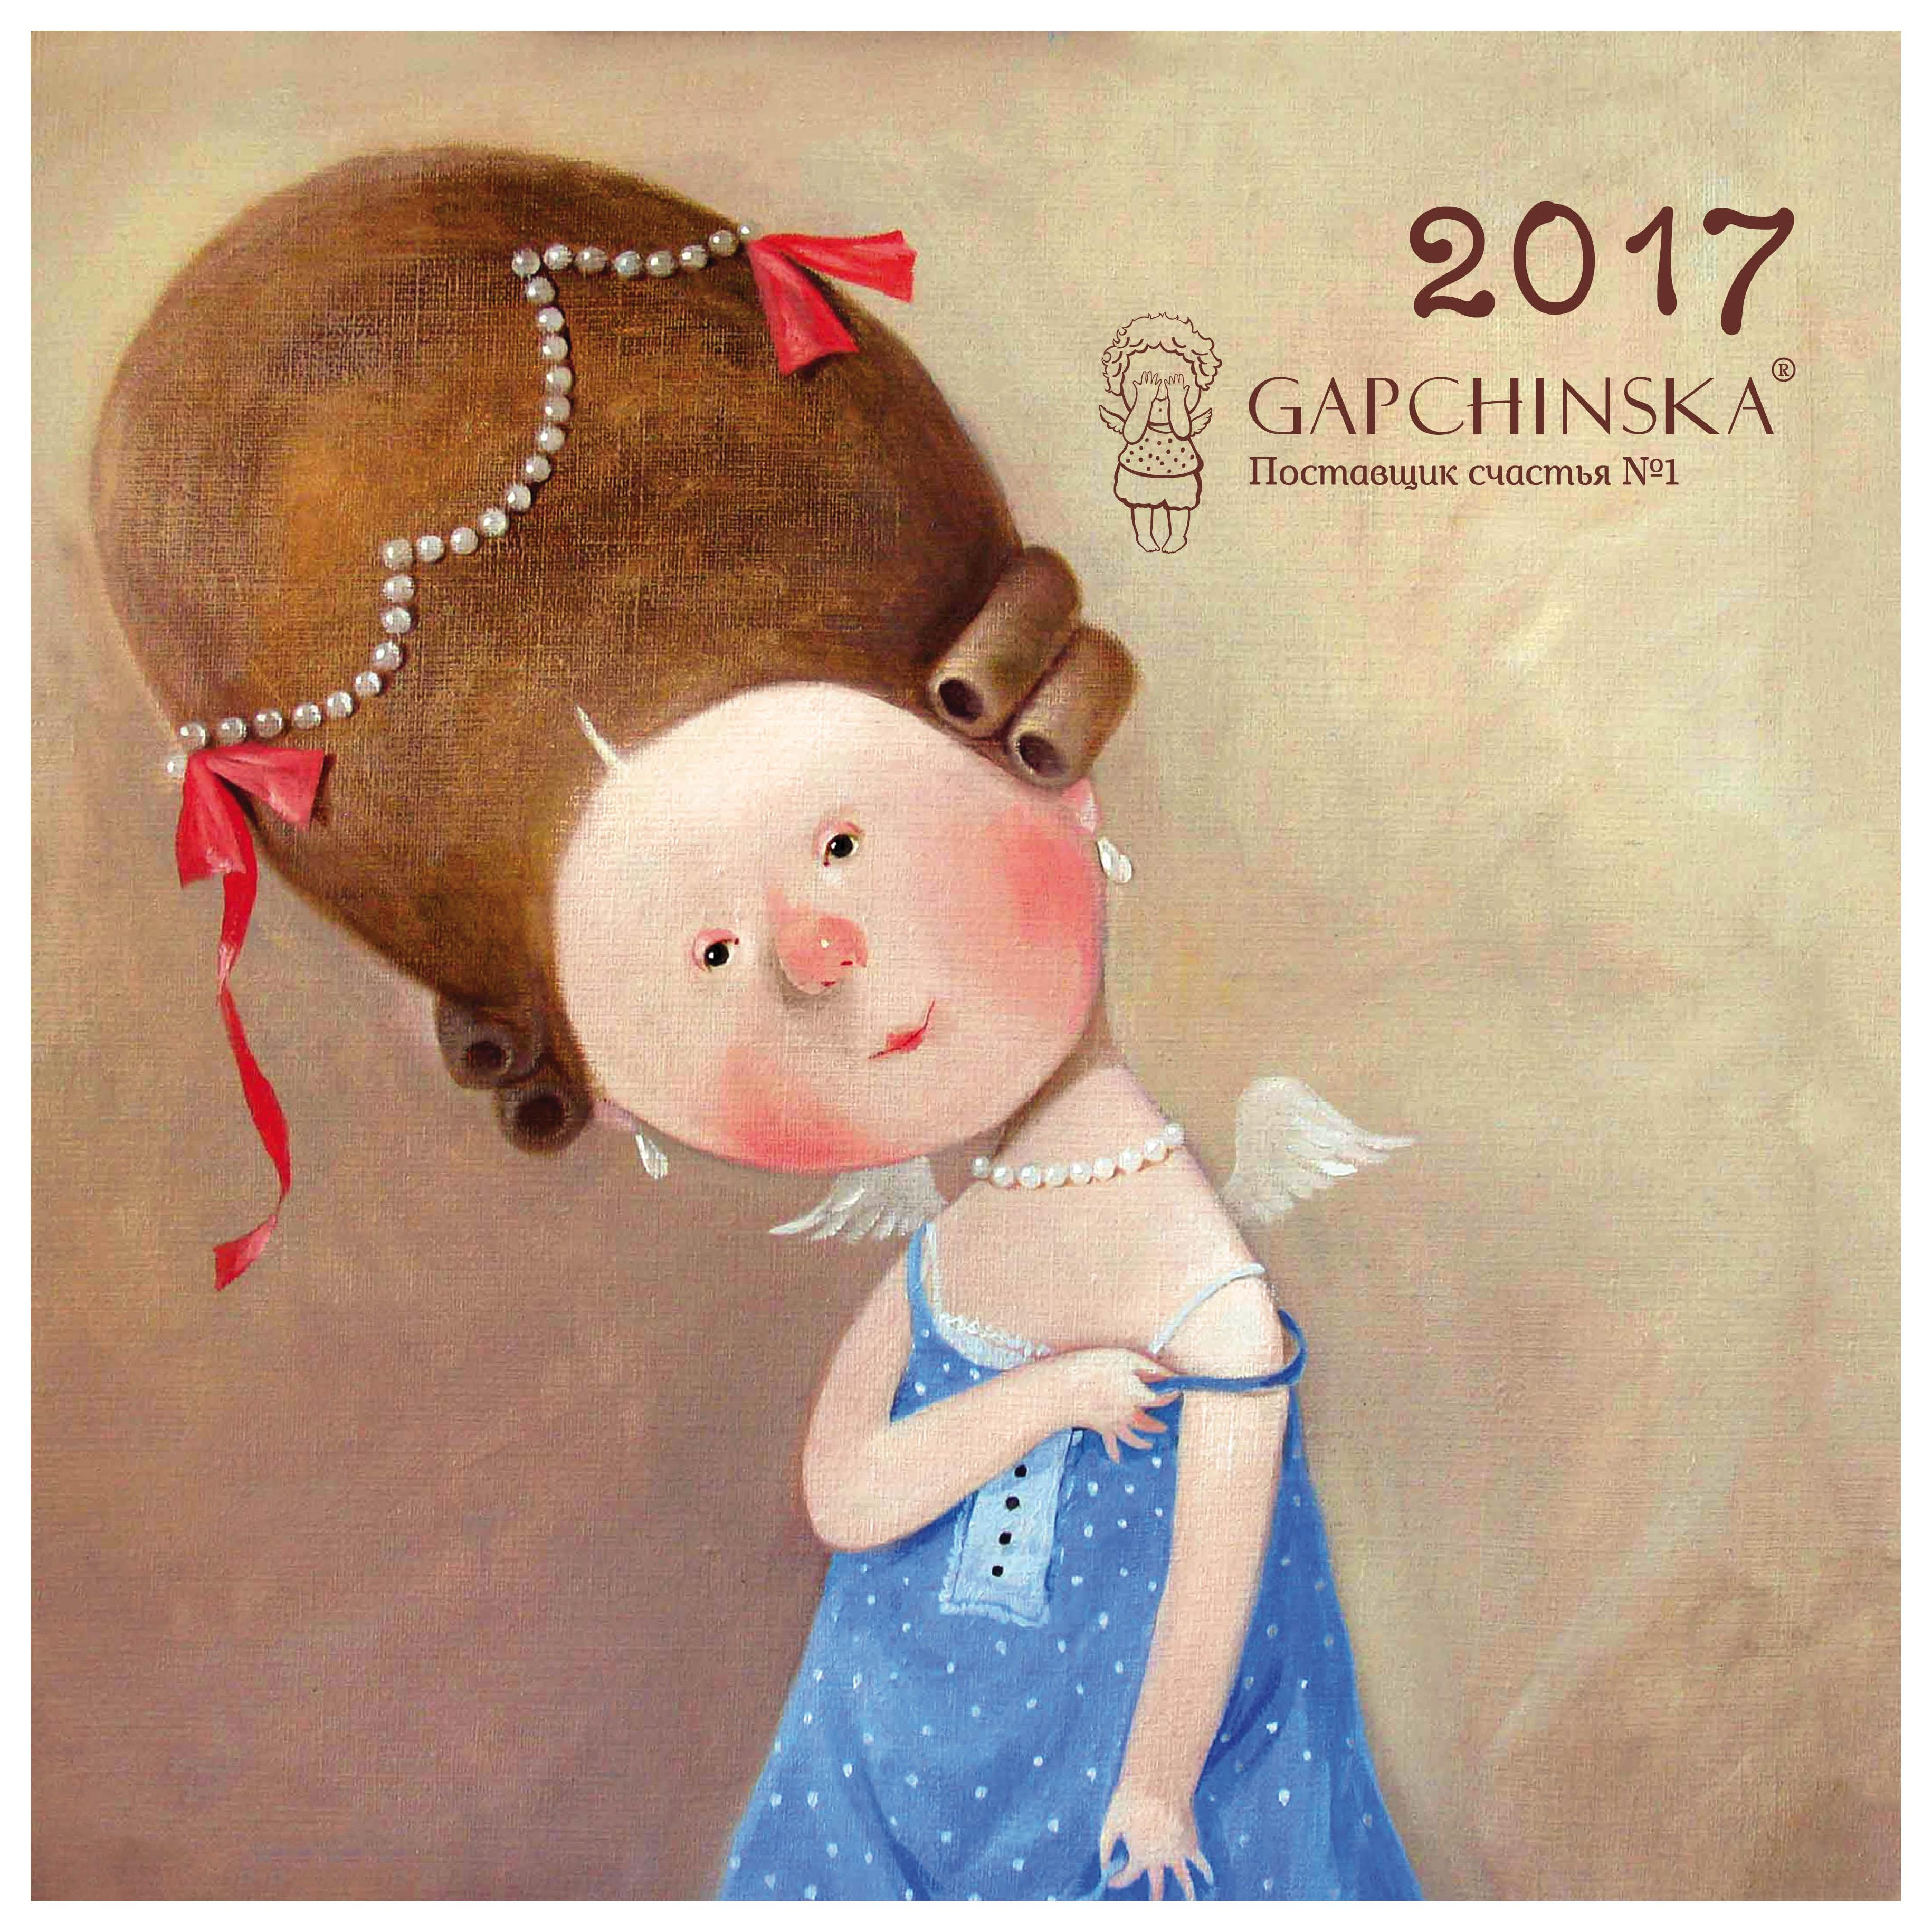 Евгения Гапчинская. Между нами, девочками. Календарь настенный на 2017 год